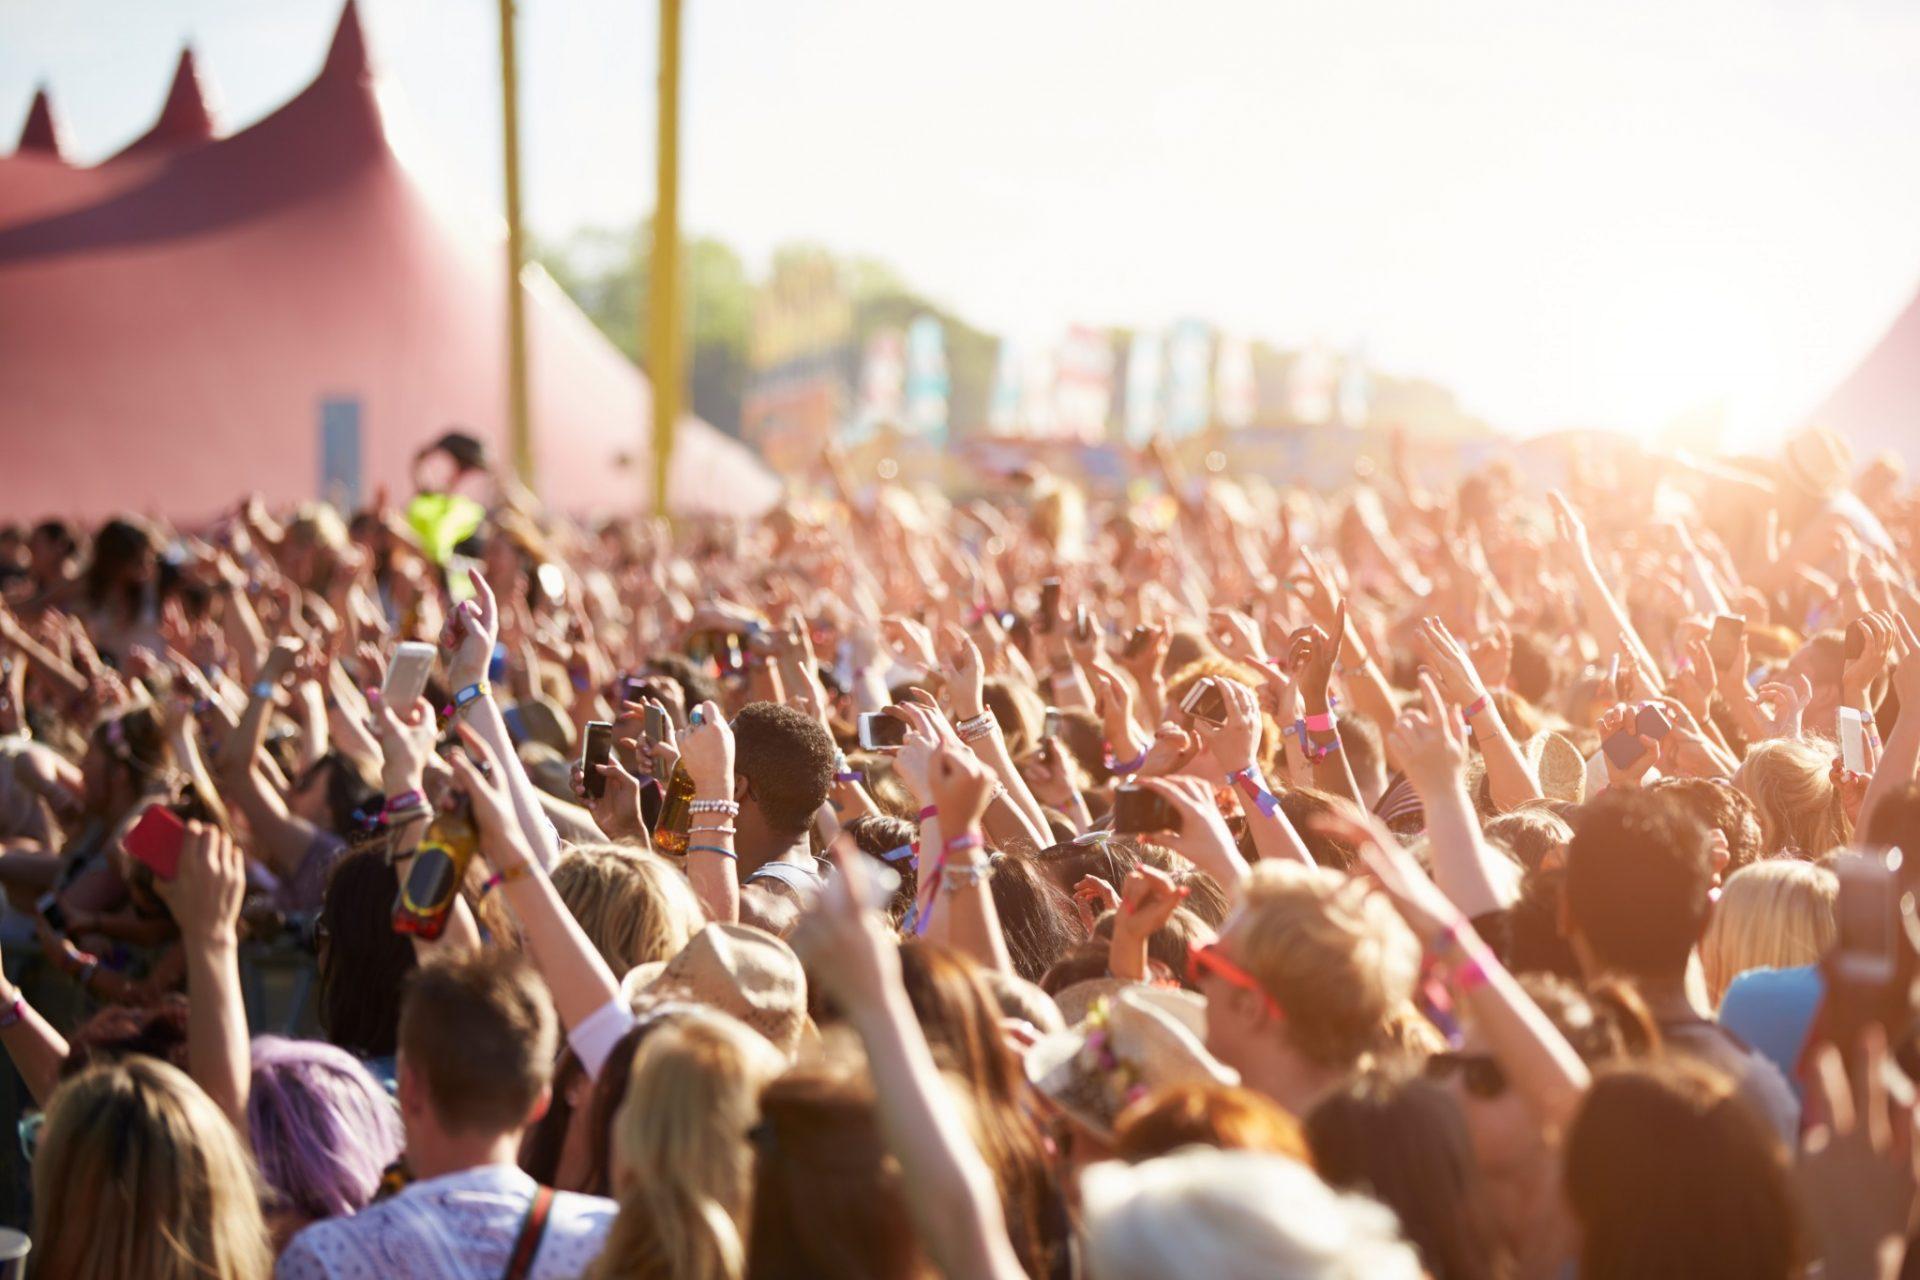 De beste festivals van Europa